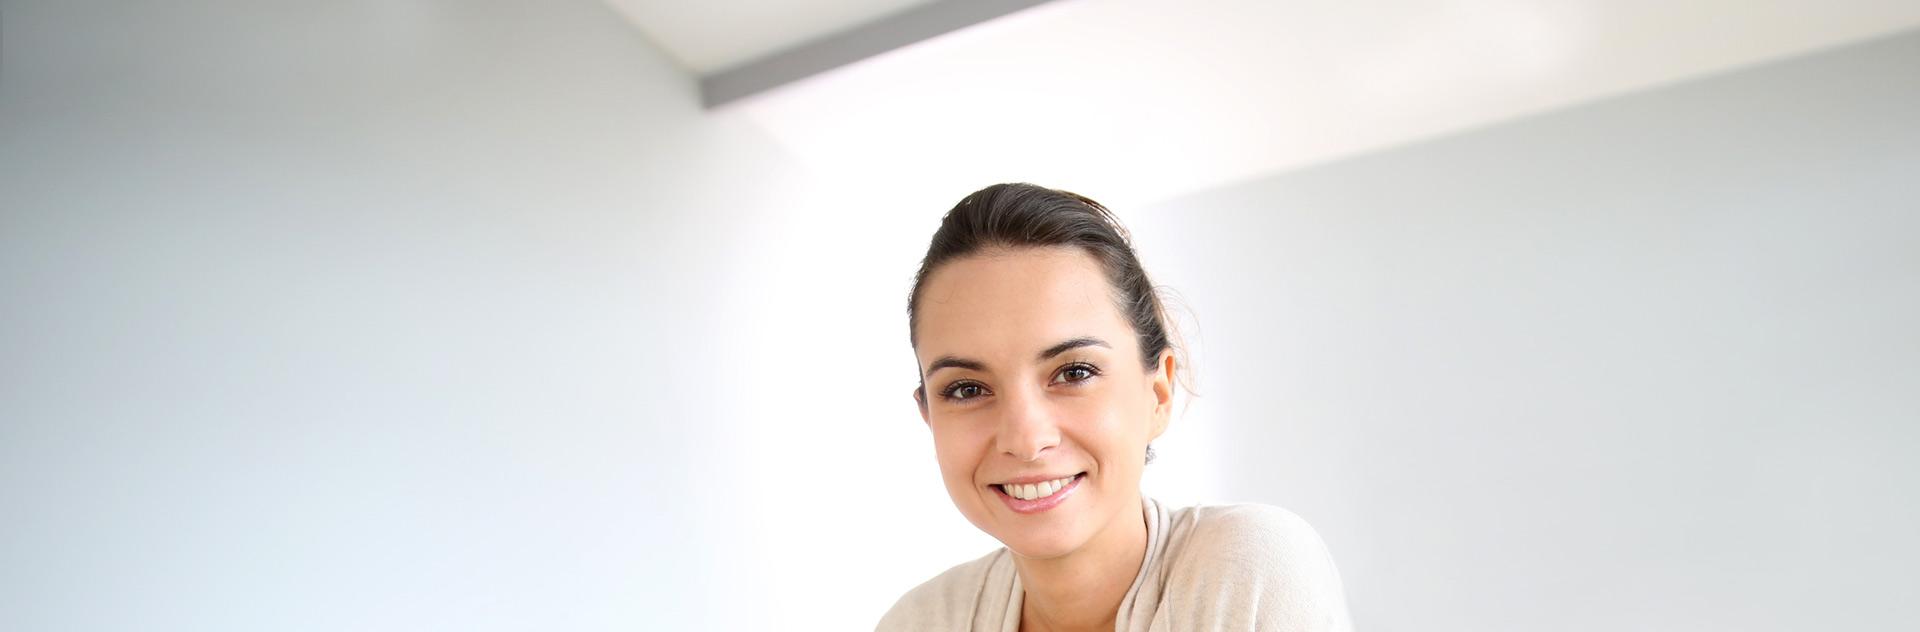 Imagen de mujer tras posible tratamiento para alopecia en cejas